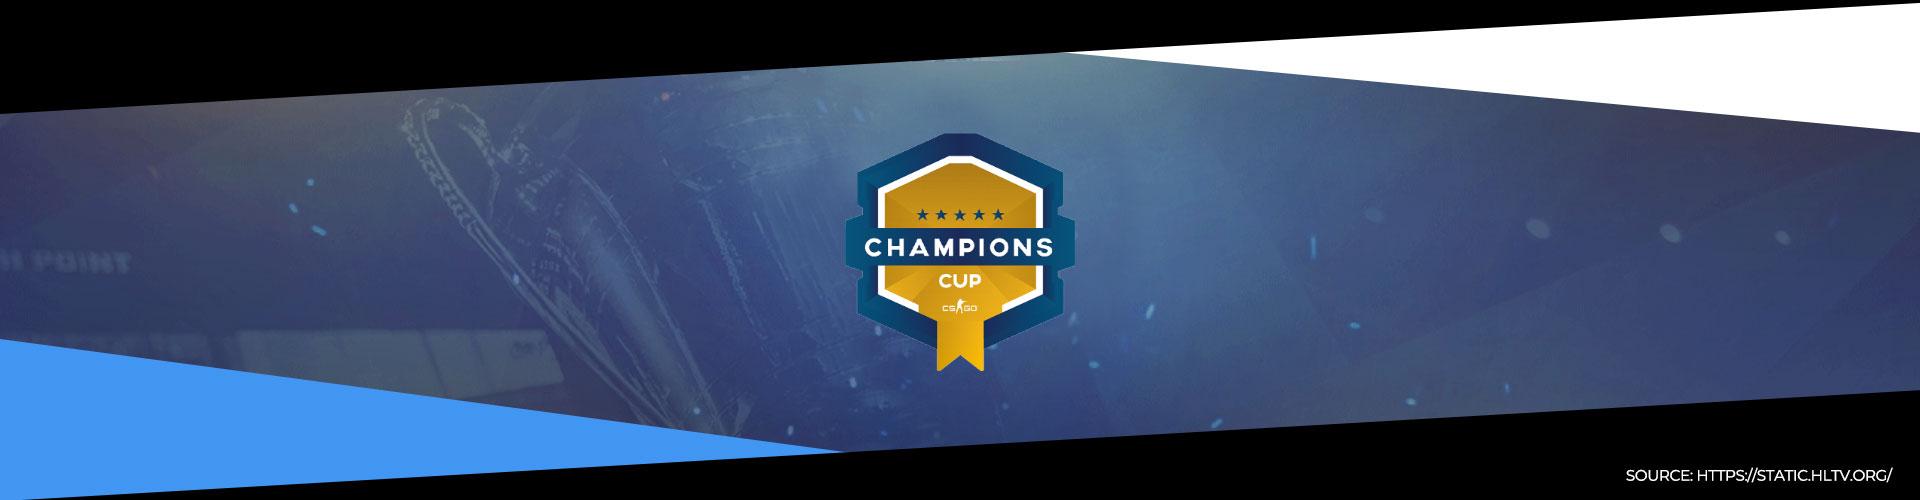 Denna eventsida för Champions Cup innehåller all information om turneringen.